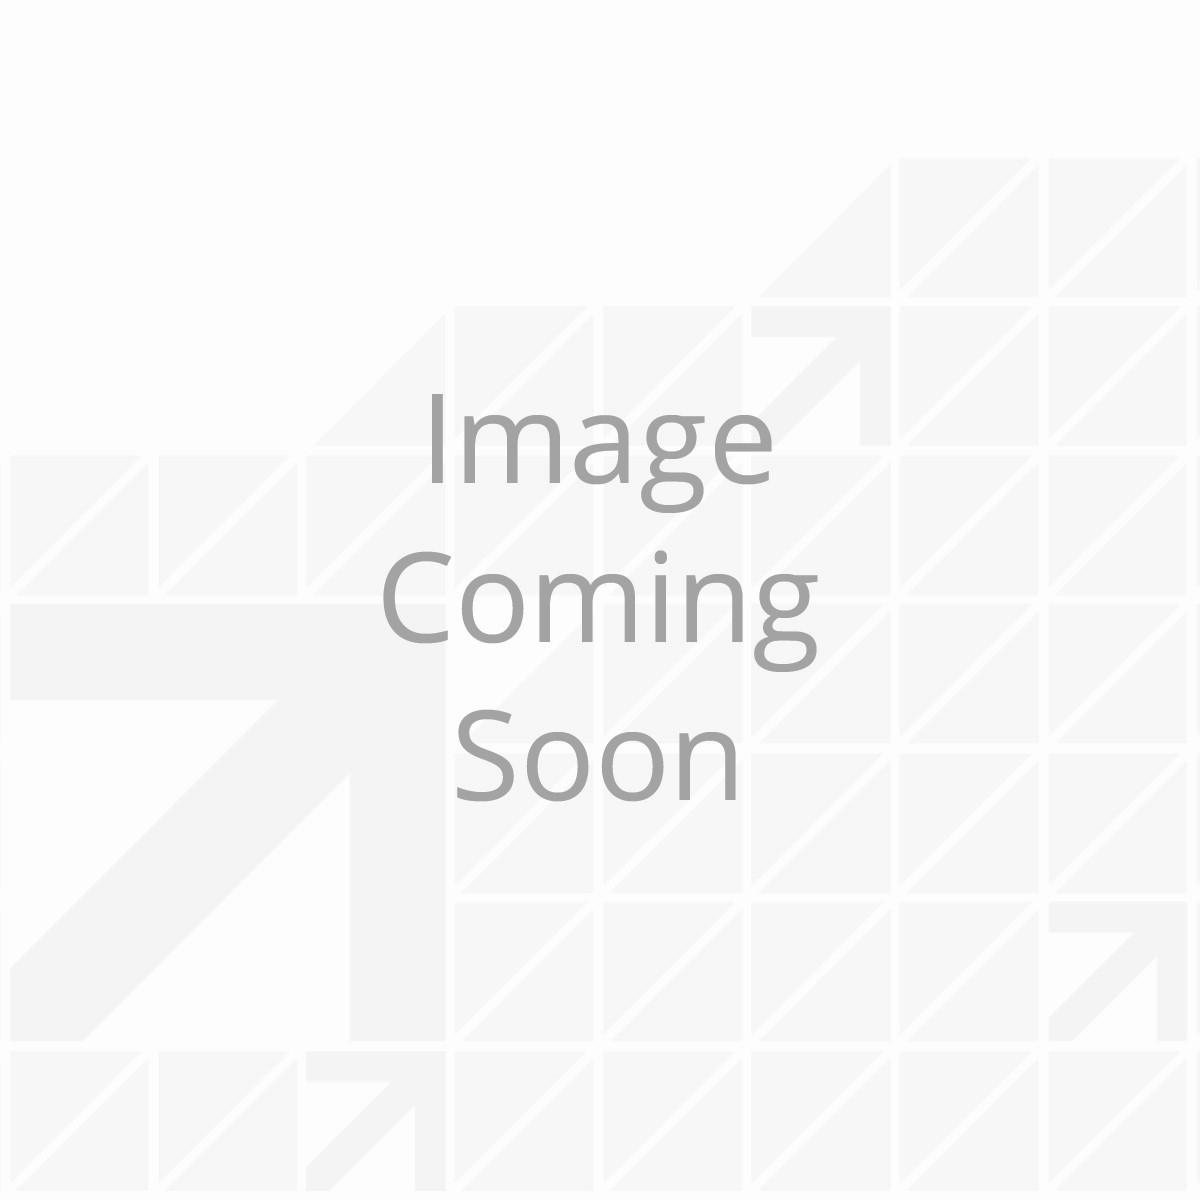 333948_Bearing-Seal-Kit_001